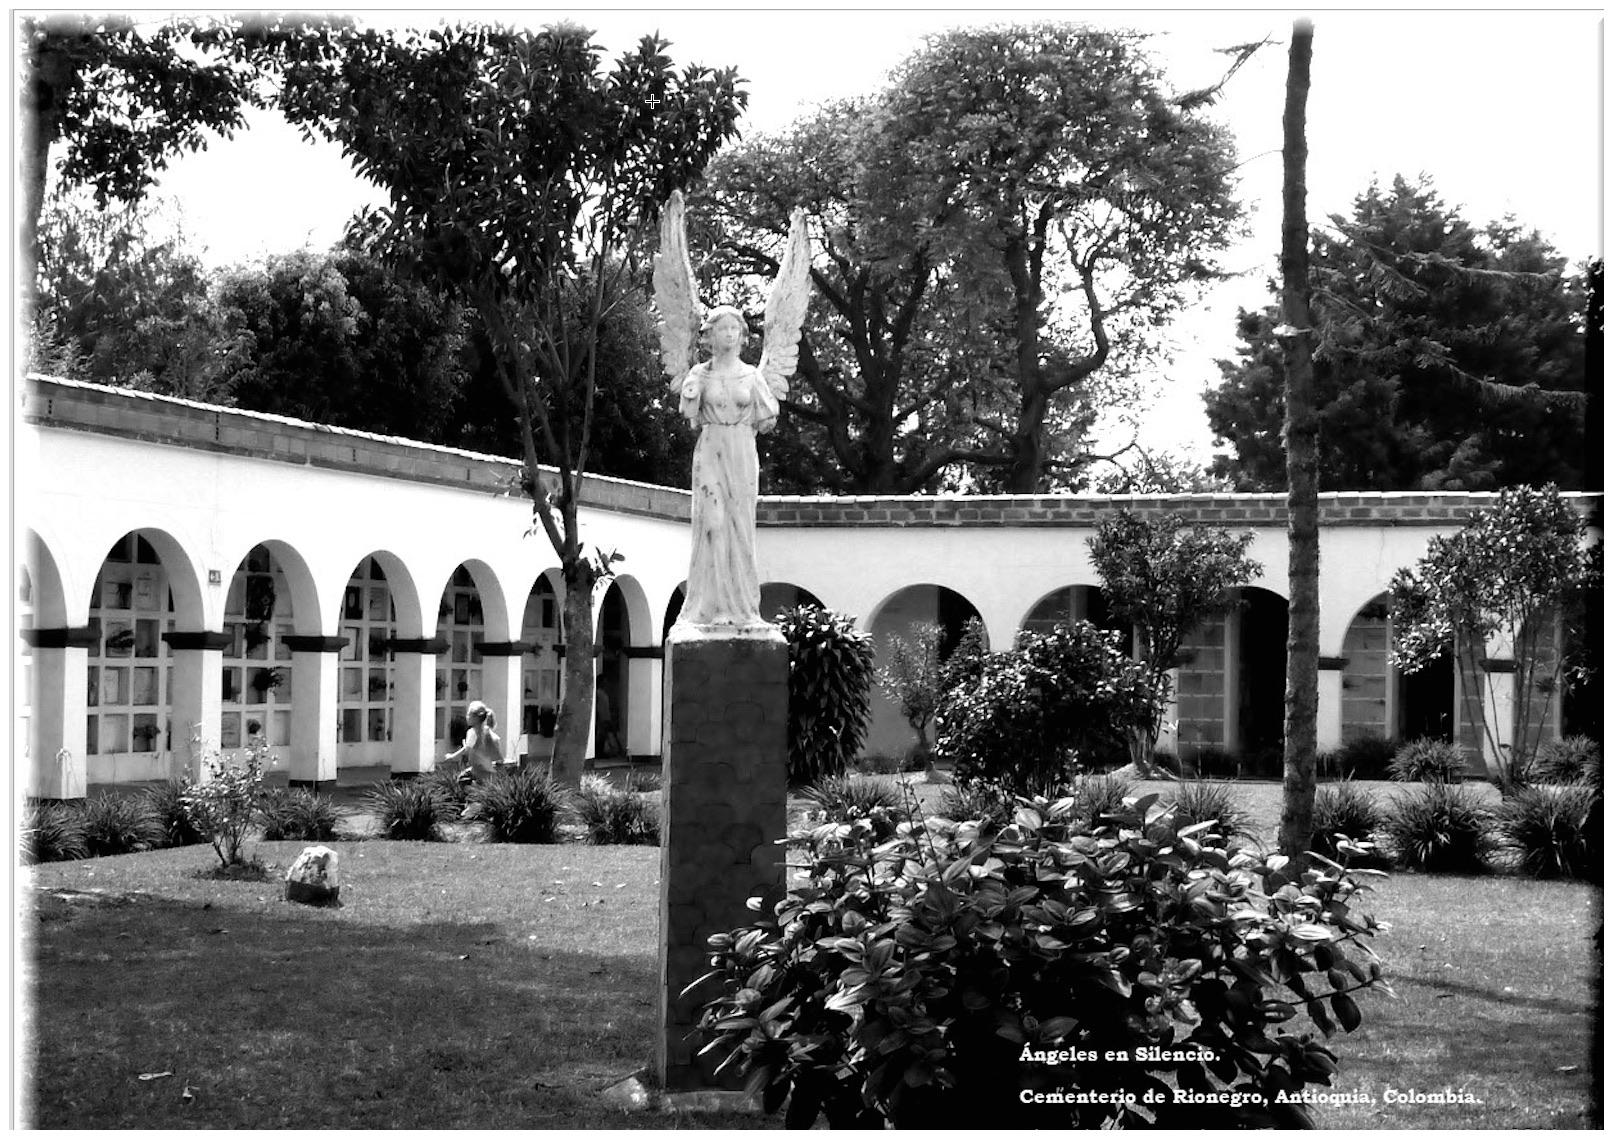 Cementerio de Rionegro, Antioquia, Colombia